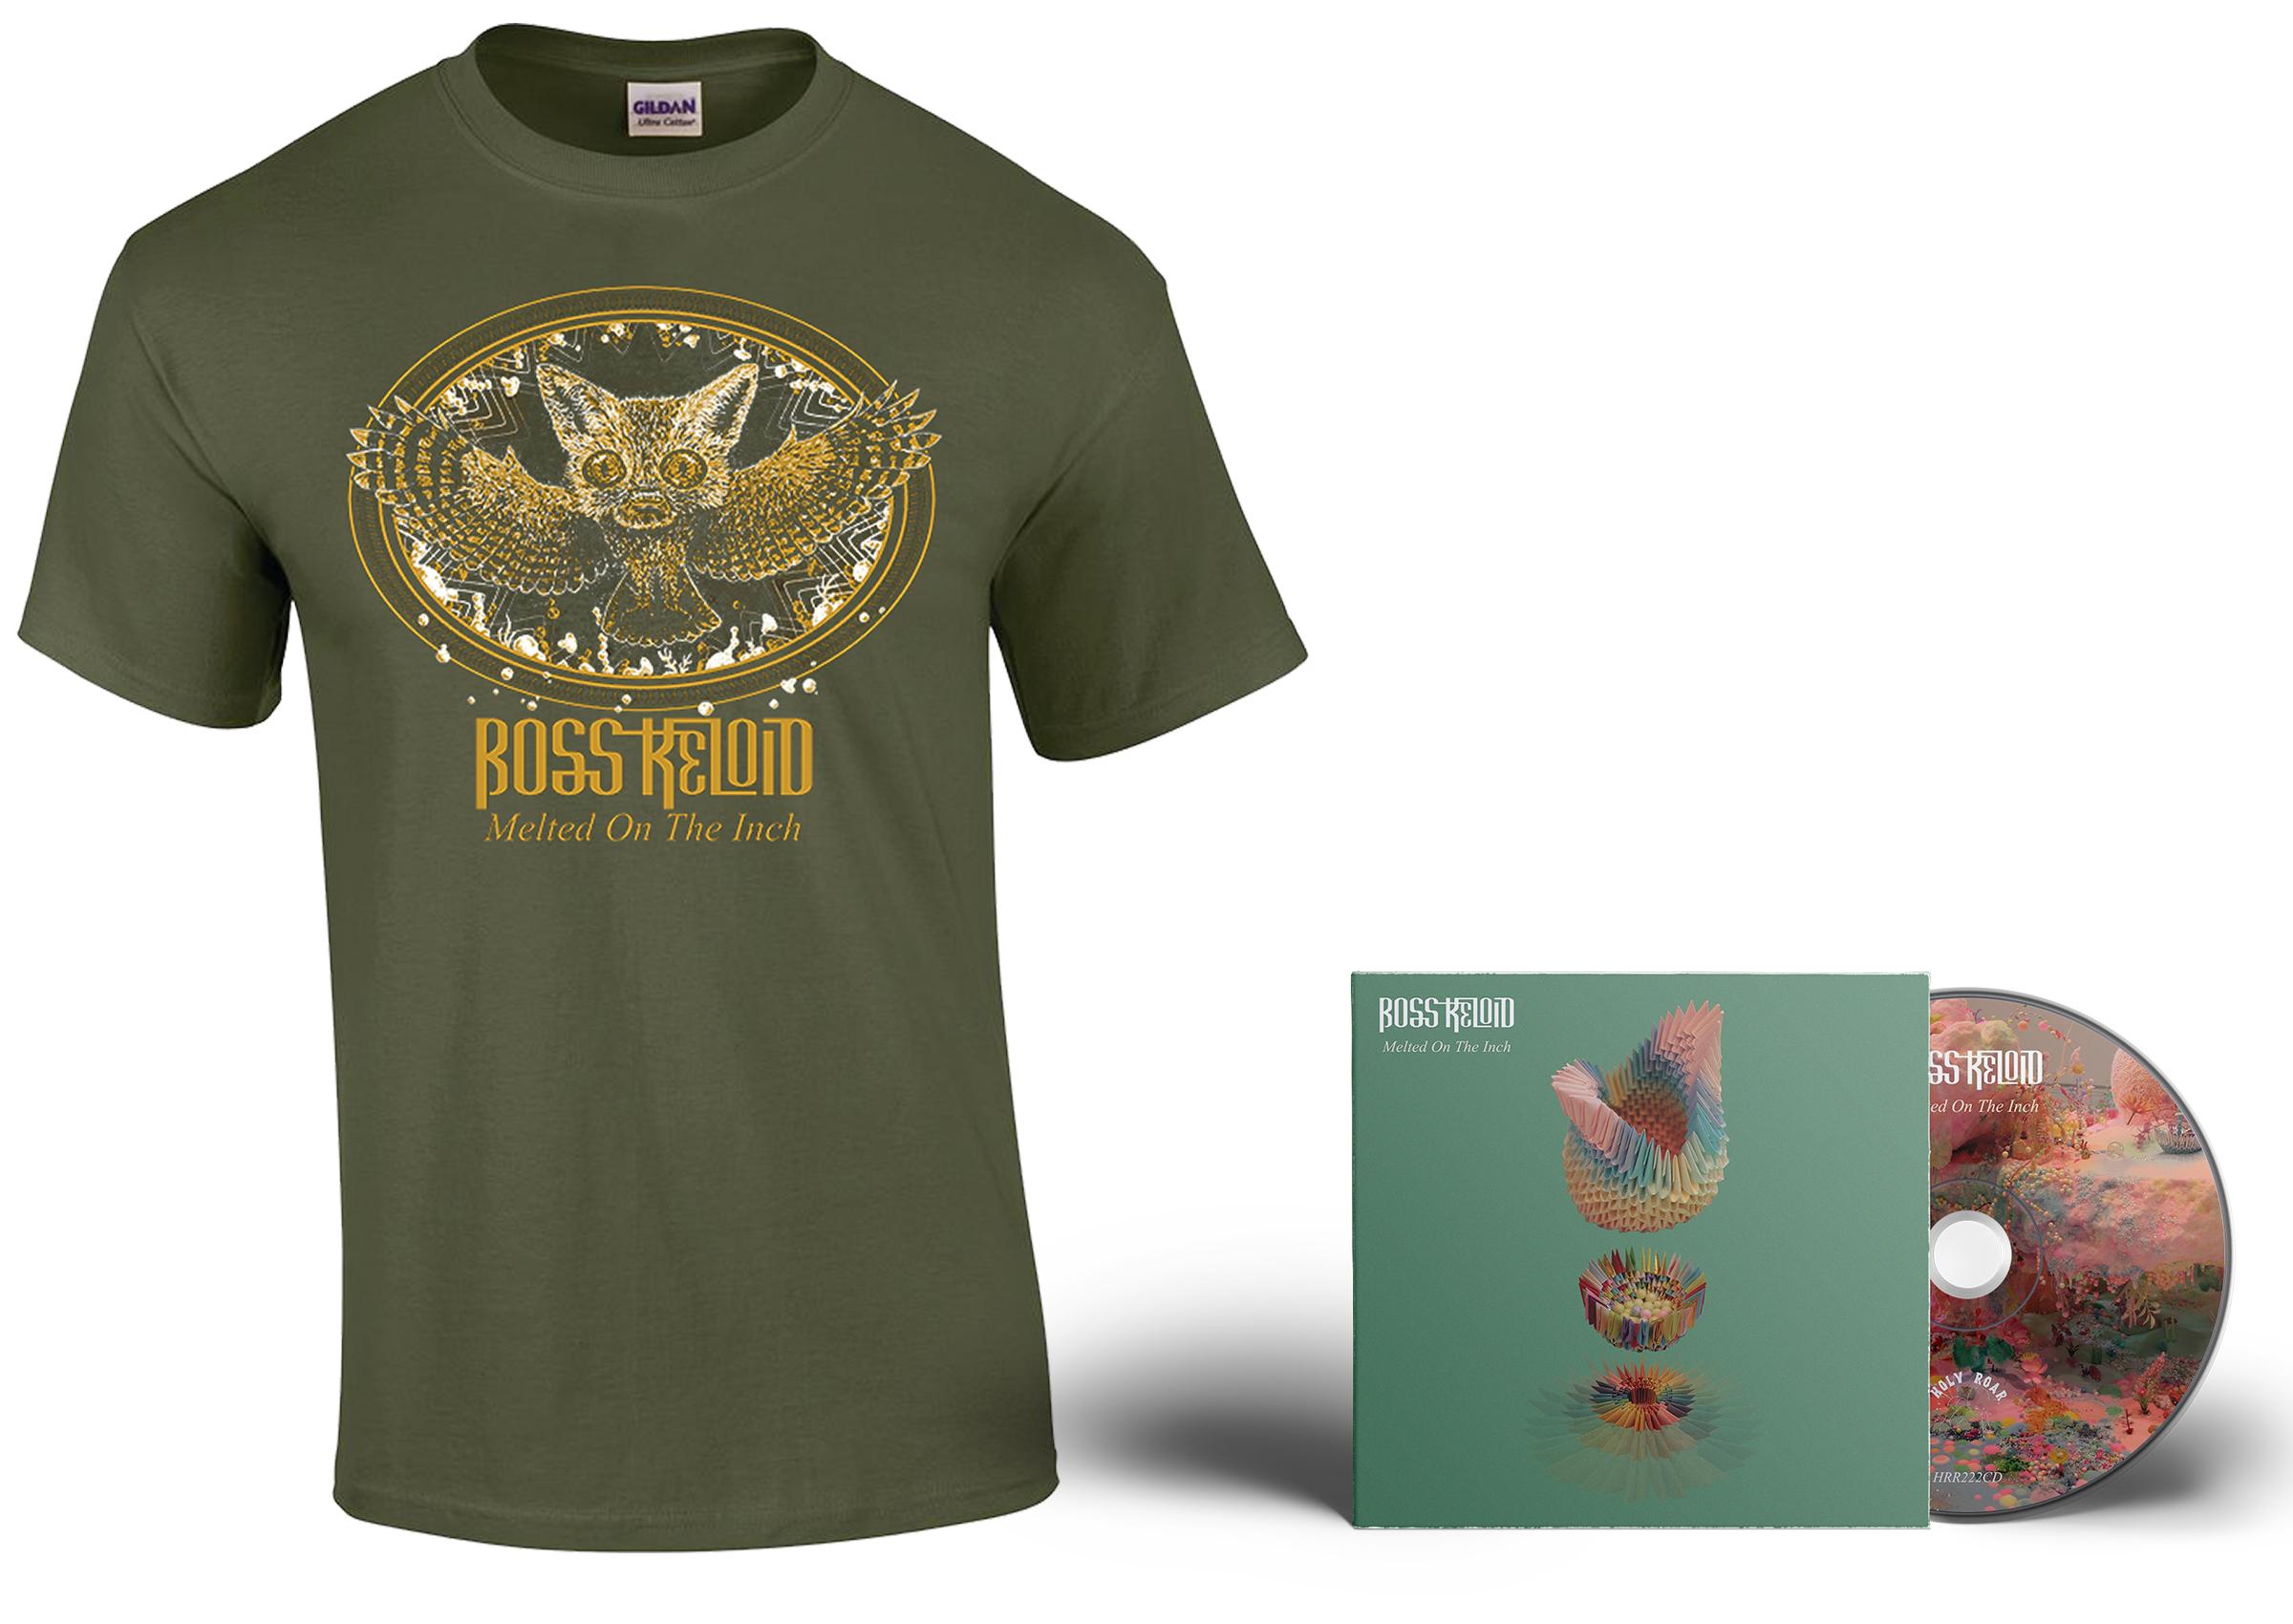 Boss Keloid 'Melted...' Foxowl shirt + CD